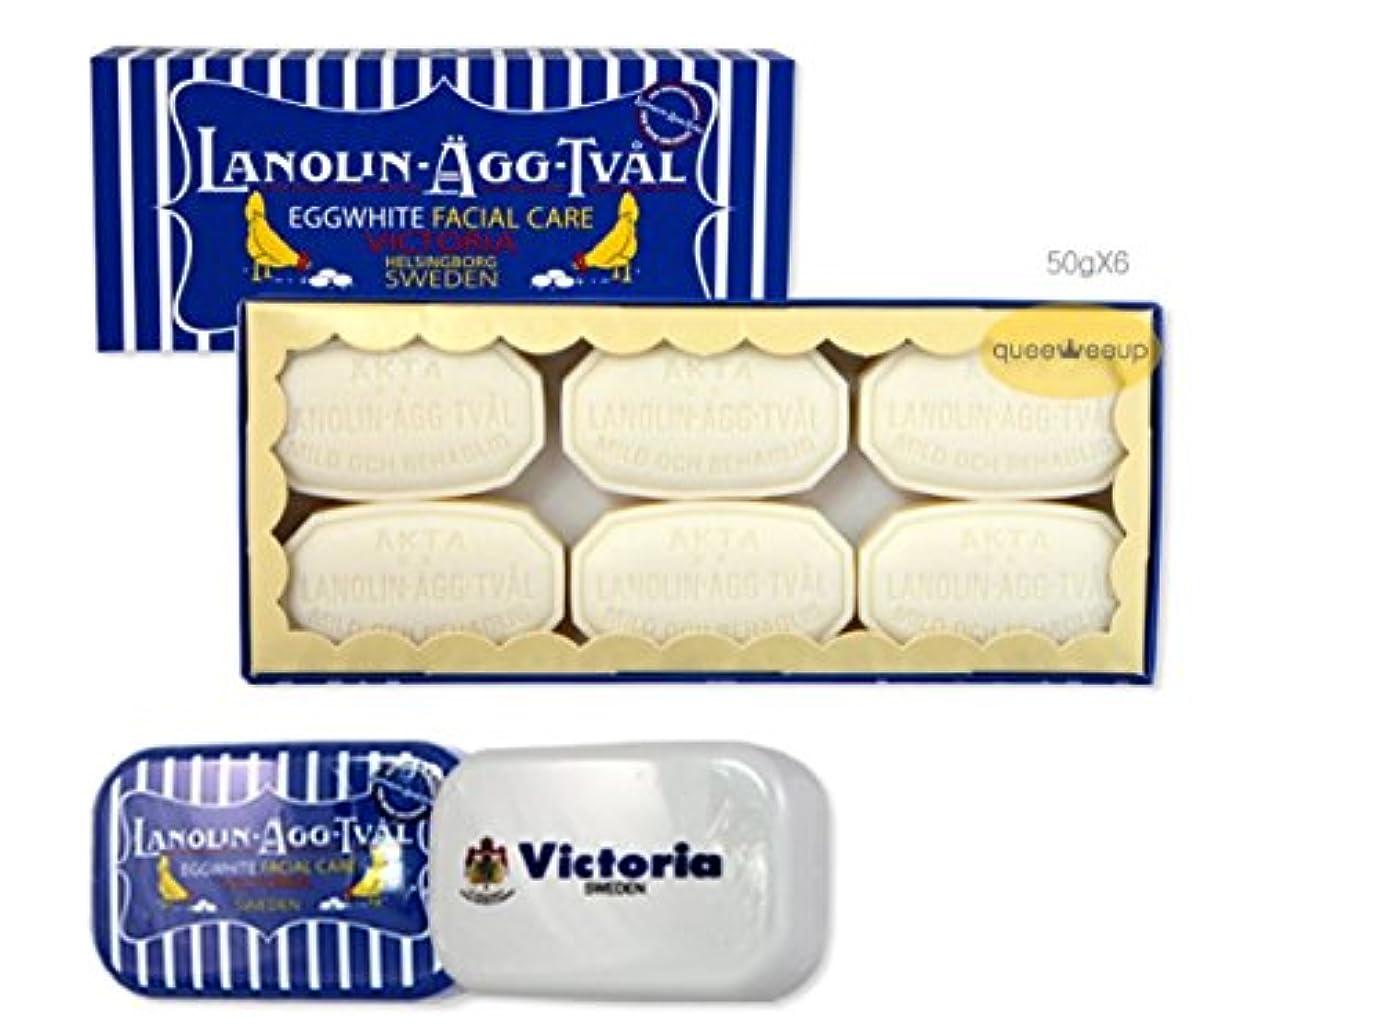 戦い便宜教えるVictoria (ヴィクトリア) ニューエッグパックソープ 50g×6個 + ケース